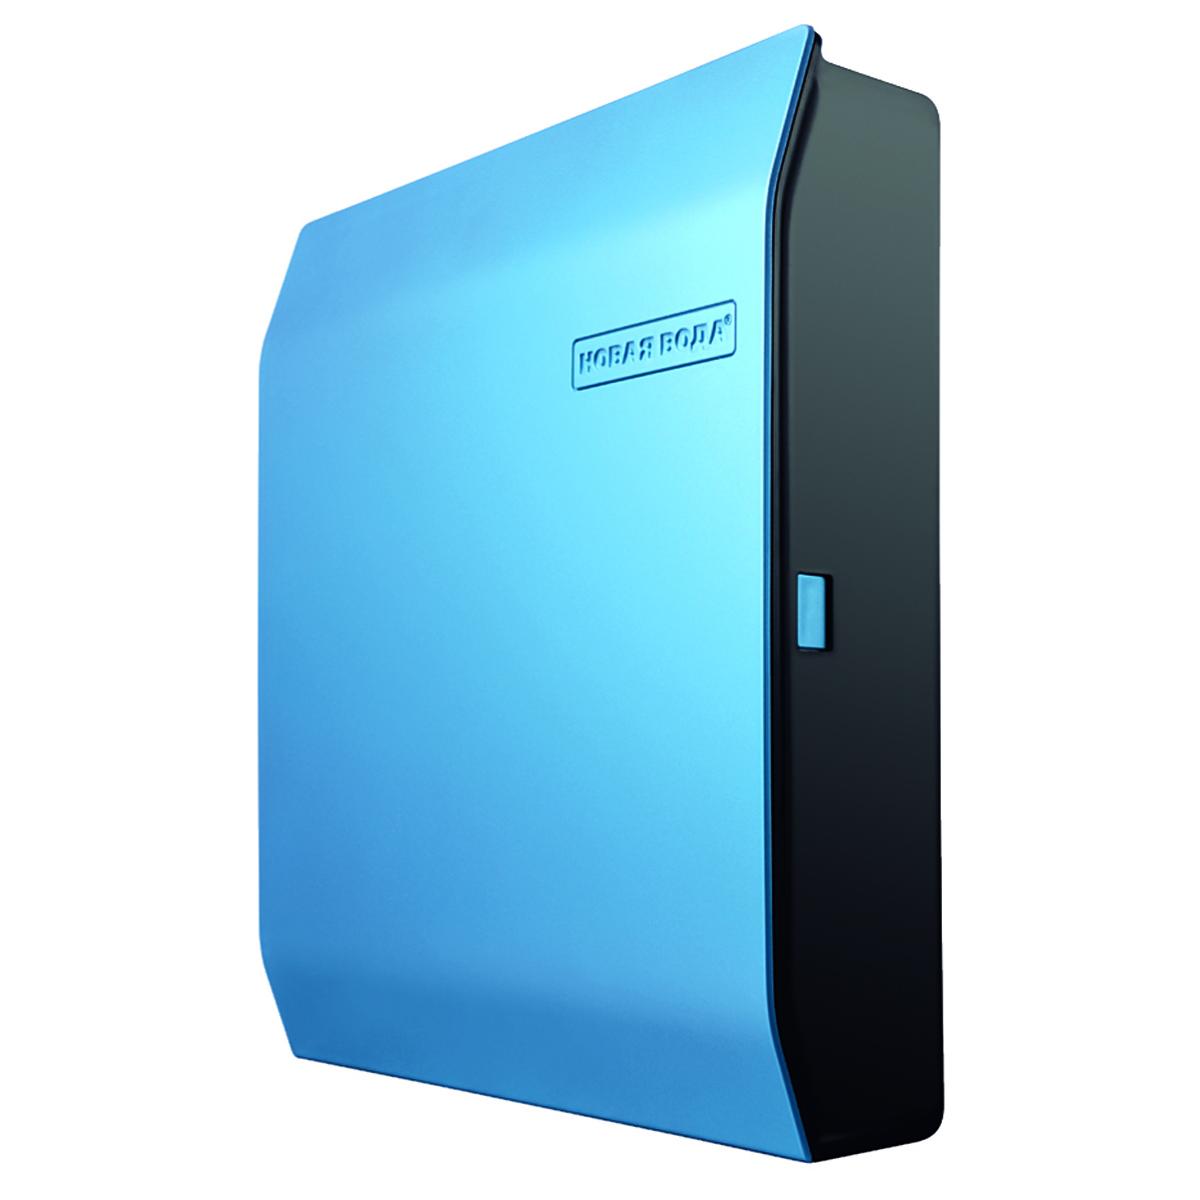 Фильтр для воды Prio Expert. M305, суперкомпактный 5-ого поколения3520Тип фильтра: Система под мойку. Фильтры под мойку нового поколения Expert — настоящий прорыв в области очистки воды благодаря совершенному дизайну, быстросъемным картриджам и инновационным технологиям очистки воды.Многоступенчатые системы Expert занимают на 50% меньше места, чем традиционные системы, они имеют тонкий корпус — всего 8,5 см — и обладают ультрасовременным дизайном.Это позволяет:- разместить фильтр под мойкой, не занимая при этом много места- быть уверенным в том, что фильтр не будет поврежден при размещении под мойкой посуды и хоз.принадлежностей (например, мусорного ведра)- разместить фильтр на открытом пространстве над, либо рядом с мойкой, восхищая гостей превосходным дизайном системы и облегчая доступ к ней при смене картриджей- устанавливать фильтр горизонтально (например, закрепляя к верхней части шкафа под мойкой), делая его практически незаметнымПрименение: очистка от механических примесей (ржавчины, ила, песка и т.п.), растворенных примесей, таких как свободного хлора, хлорорганических соединений, пестицидов, гербицидов, сельскохозяйственных удобрений и продуктов их распада, фенолов, нефтепродуктов, алюминия, тяжелых металлов, радиоактивных элементов, солей жесткости и иных органических и неорганических веществ.Использование: Для регионов с водой, характеризующейся нормальным и повышенным содержанием солей жесткости.Эксклюзивная разработка Prio, не имеющая аналогов - использование уникальных картриджей:-отсутствиеголовы, в которой в процессе многолетней эксплуатации могут скапливаться загрязнение - гарантирует Вам кристально чистую воду даже через 10 лет эксплуатации- только у фильтров Expert картриджи имеют вход и выход на противоположных концах картриджа - вкупе с фирменной технологией Invortex (движение воды внутри фильтра по спирали) это не только повышает качество очистки, но и увеличивает ресурс картриджа до 2х раз по сравнению с традиционными системами- используемые к